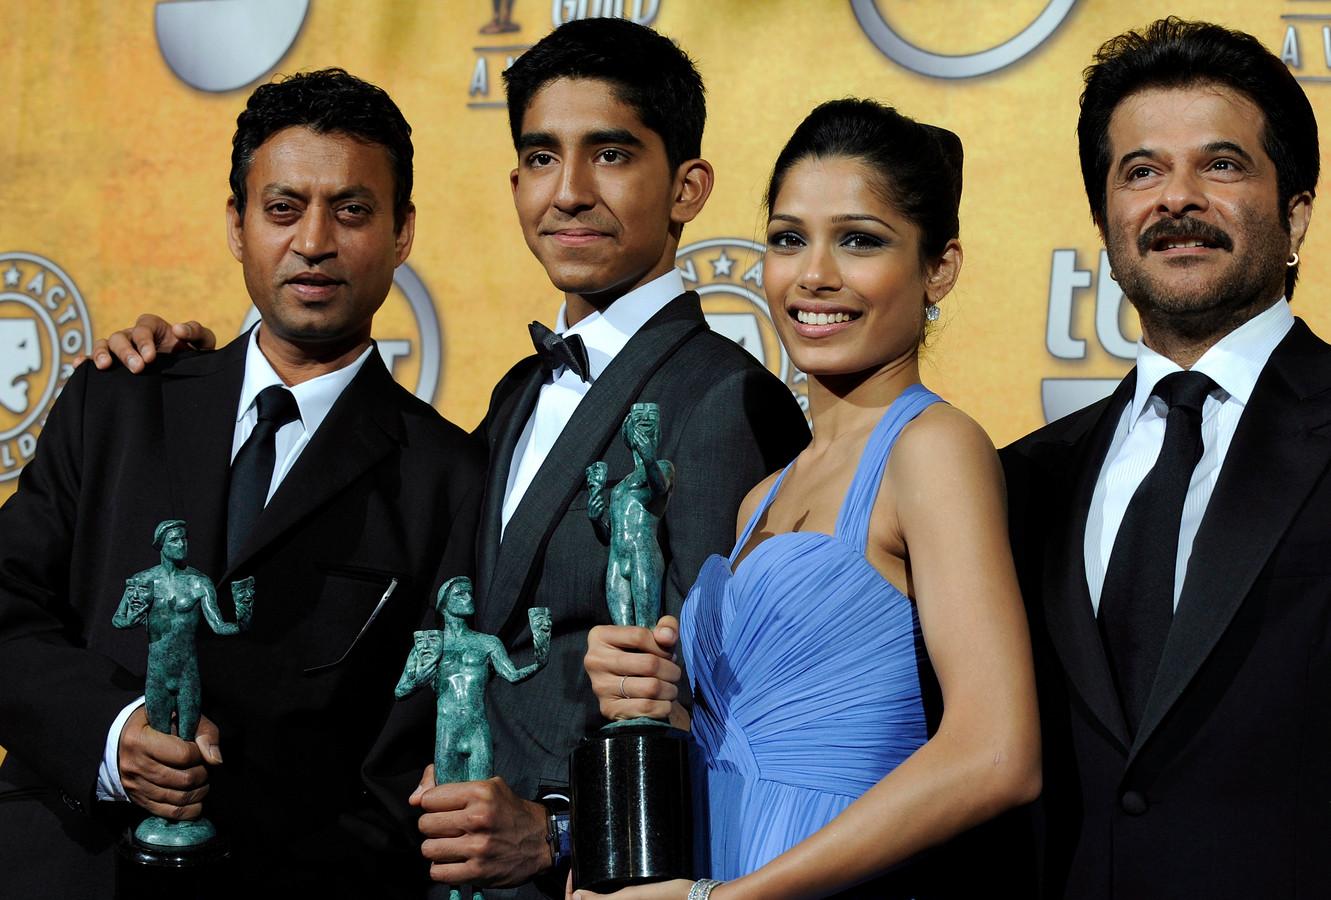 """Irrfan Khan (à gauche), et le reste du casting du film """"Slumdog Millionaire"""", Dev Patel, Freida Pinto et Anil Kapoor."""